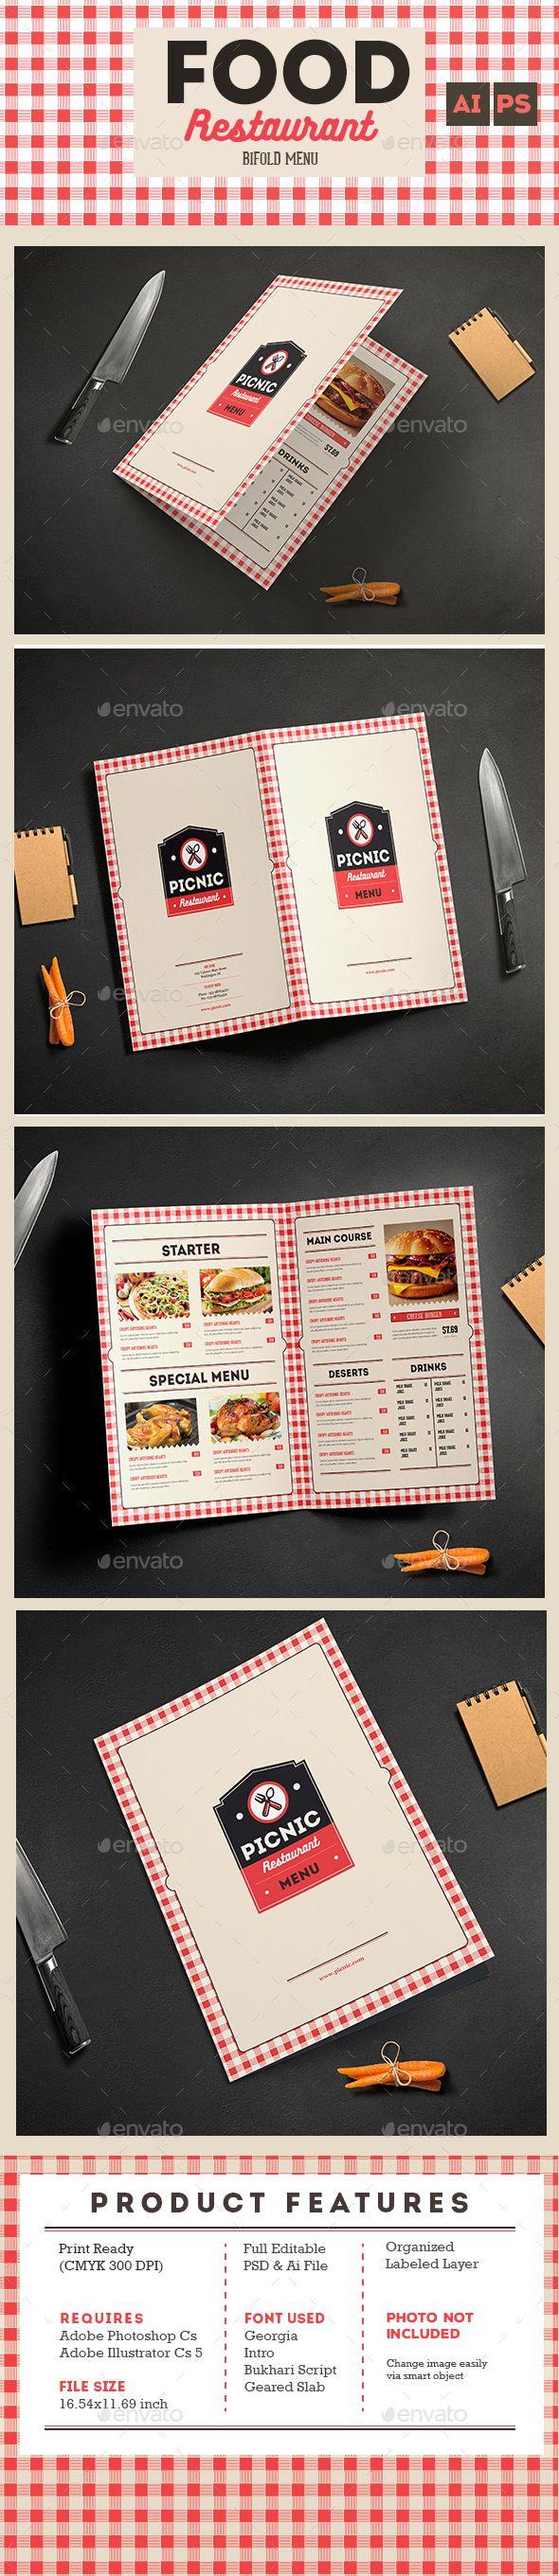 Best Restaurant Menu Design Images On   Menu